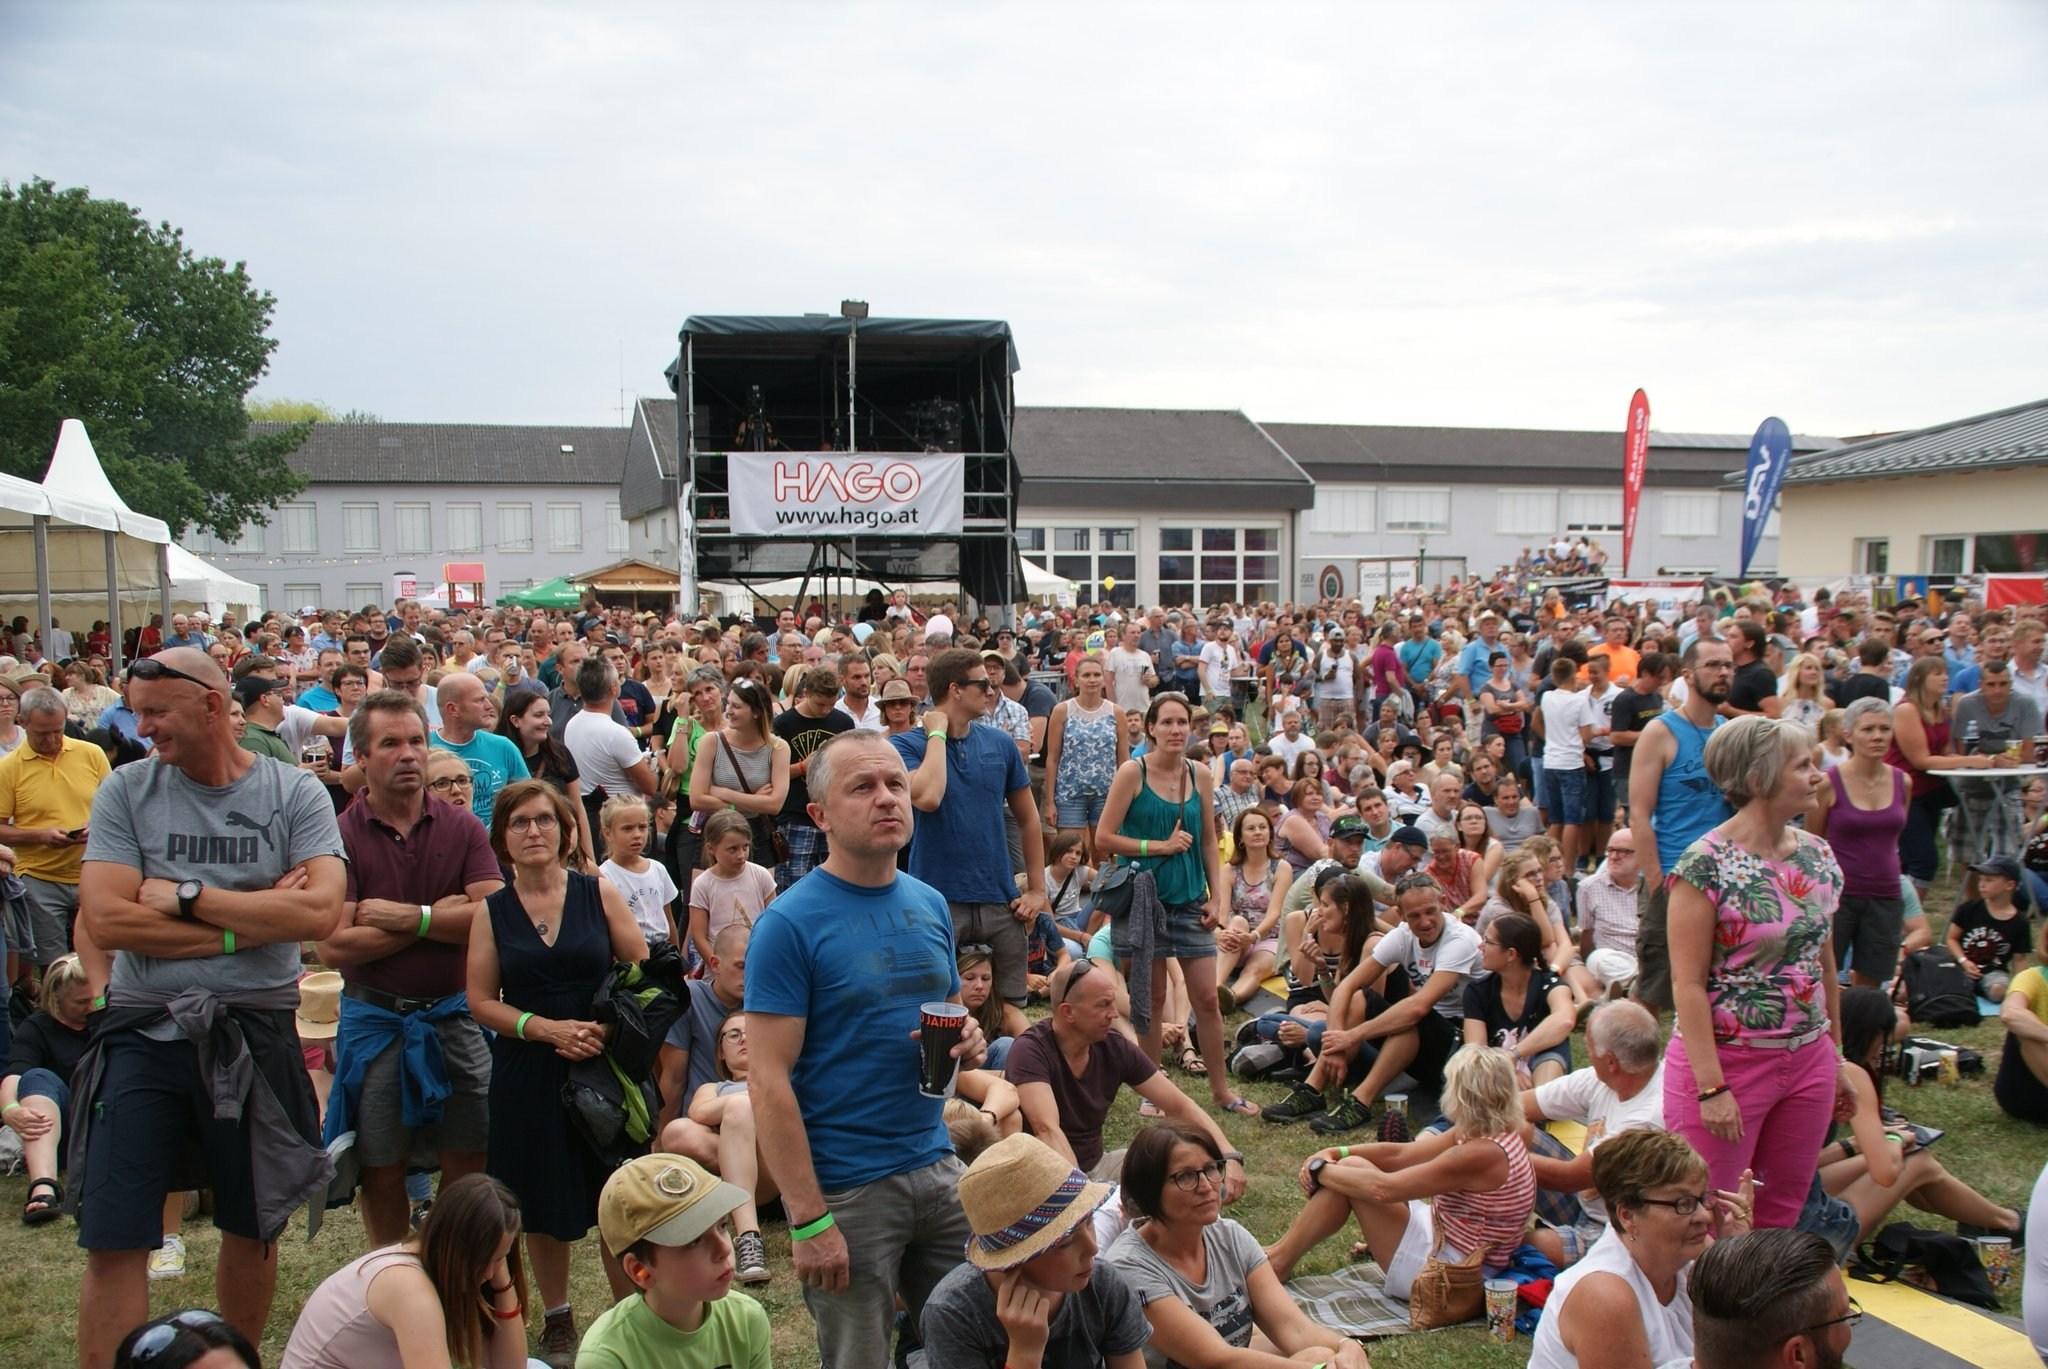 Heimspiel-Open Air 2019 Pichl bei Wels - Wels & Wels Land